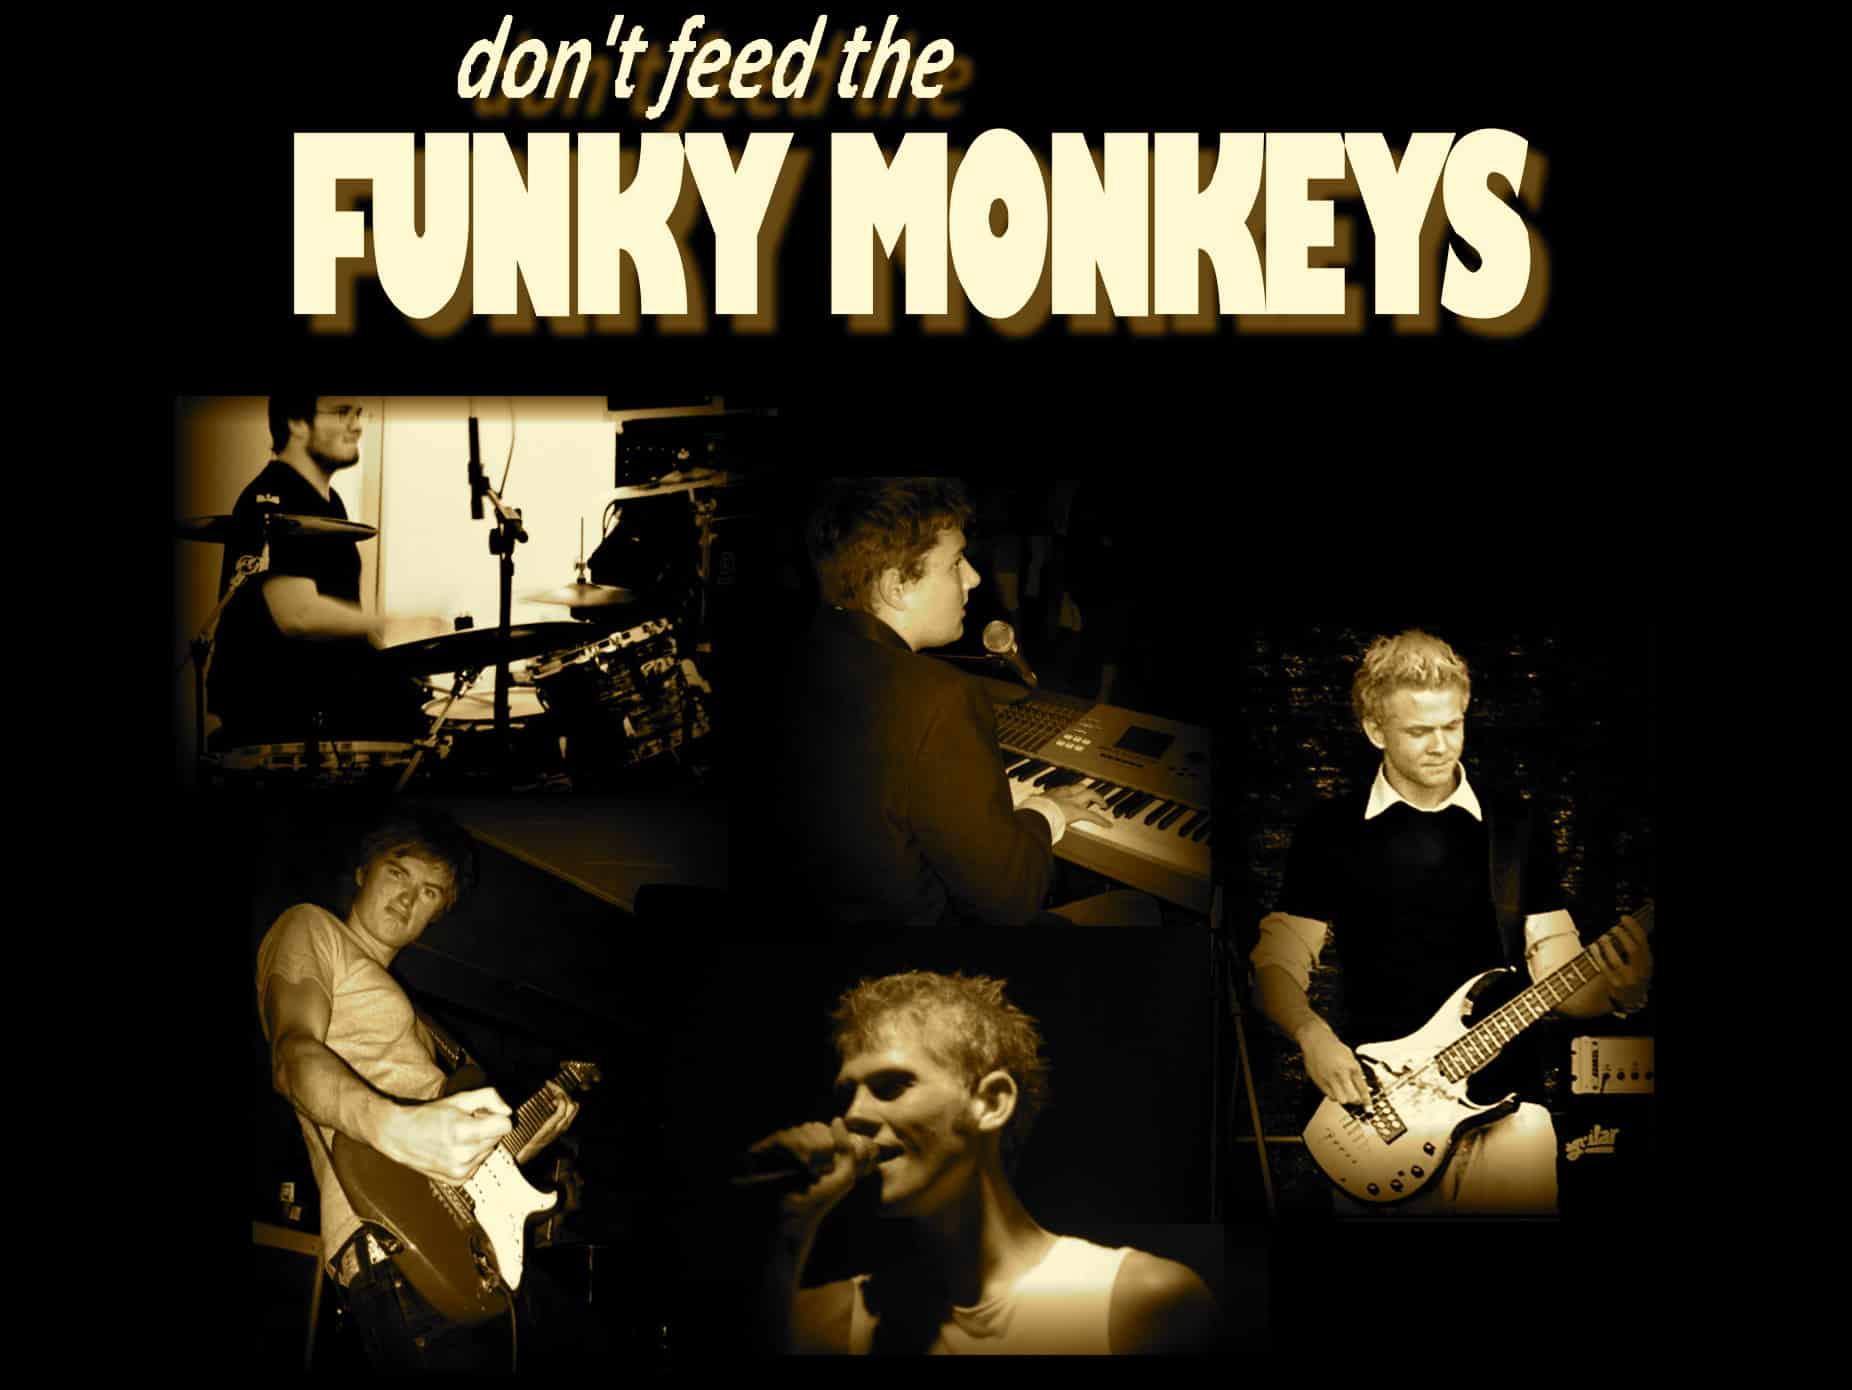 Funky Monkeys - Book populært kopiband fra Aalborg